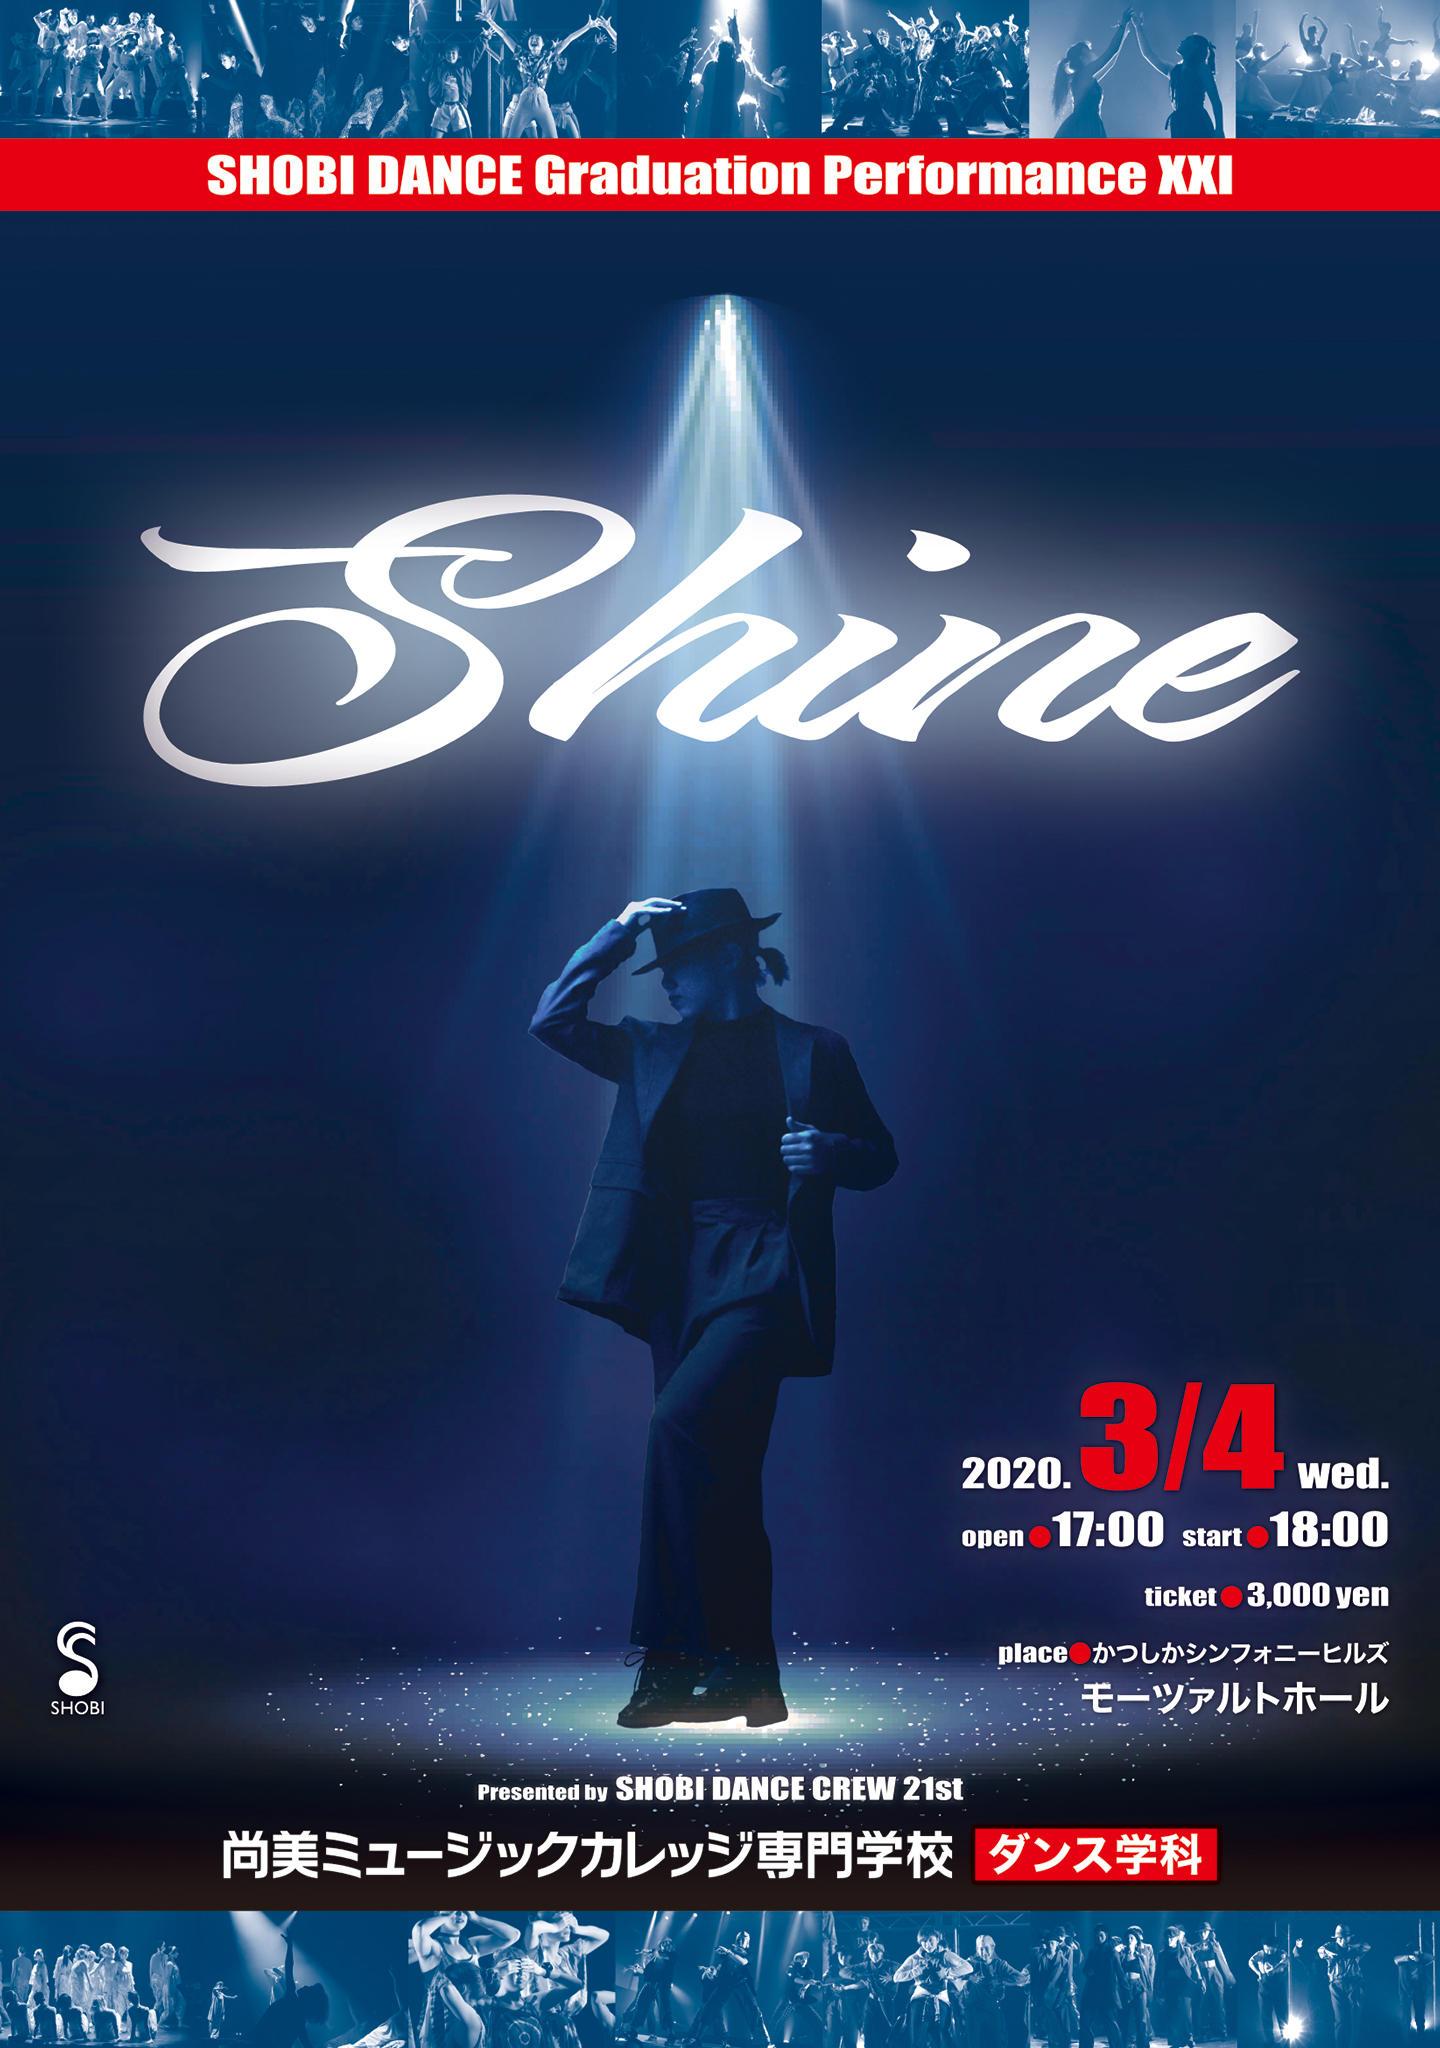 【3月4日開催】2年間の集大成!SHOBI DANCE Graduation Performance XXI「Shine」